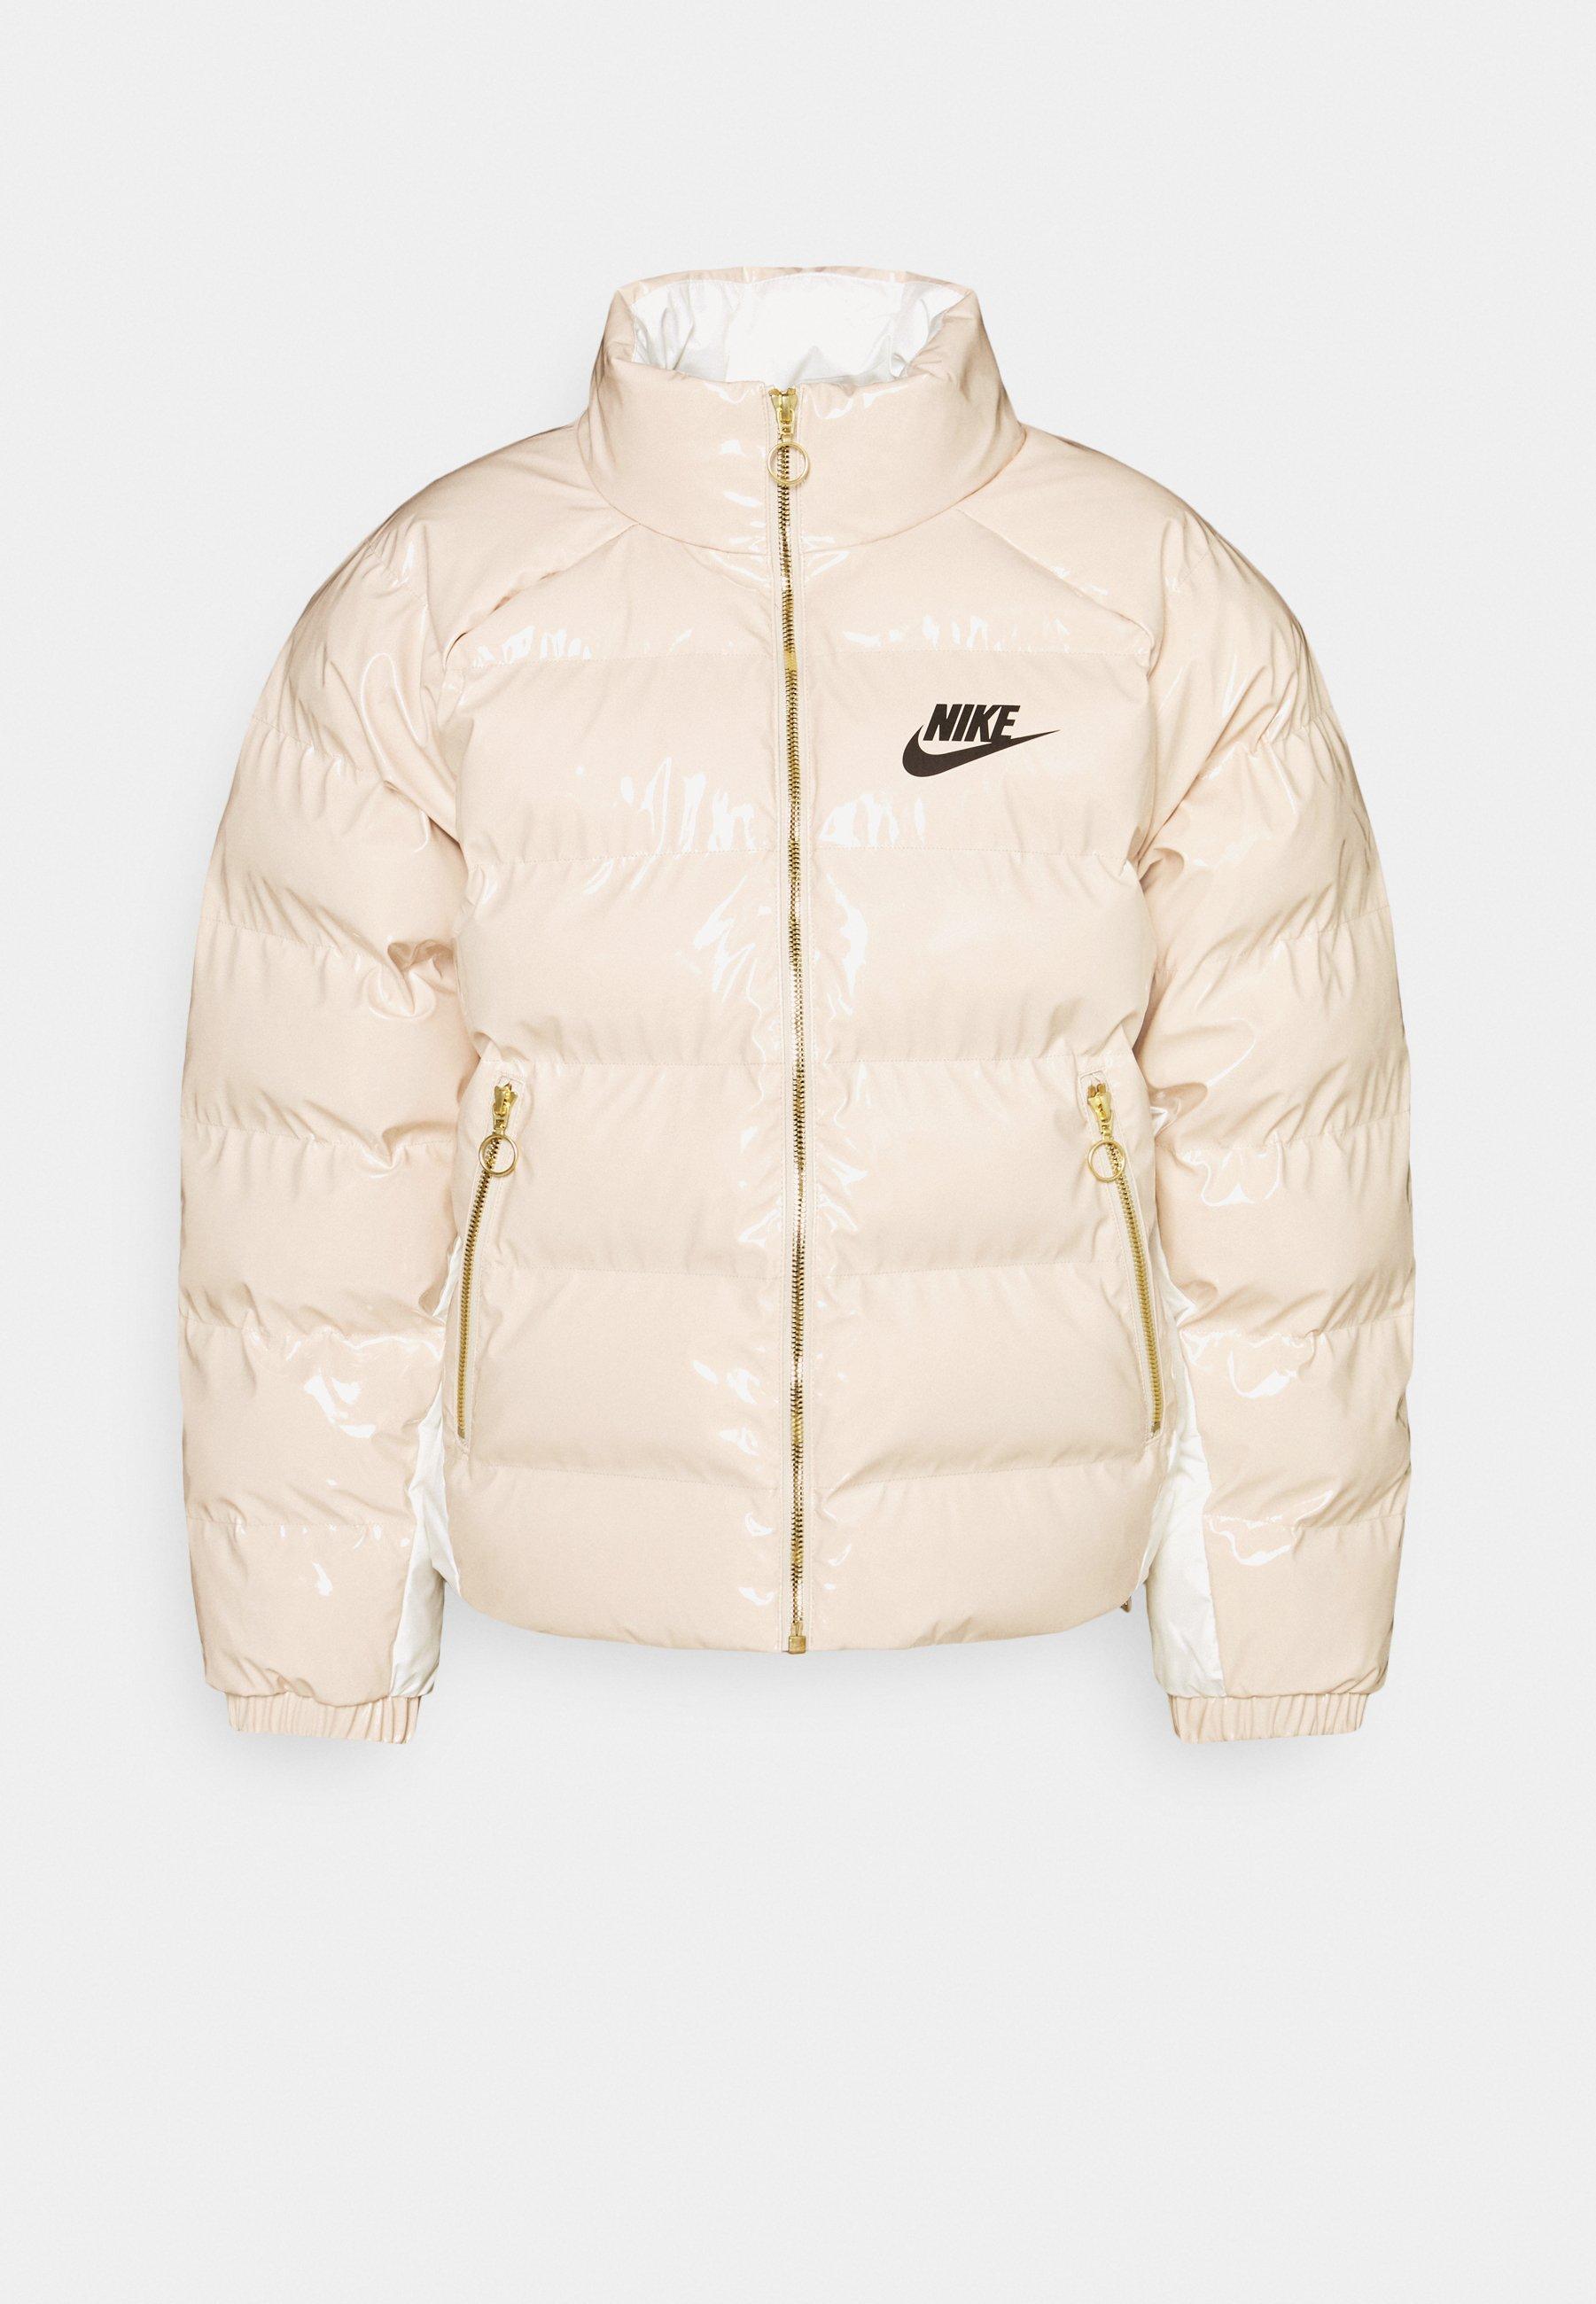 Nike Sportswear Daunenjacke tenttea tree mist